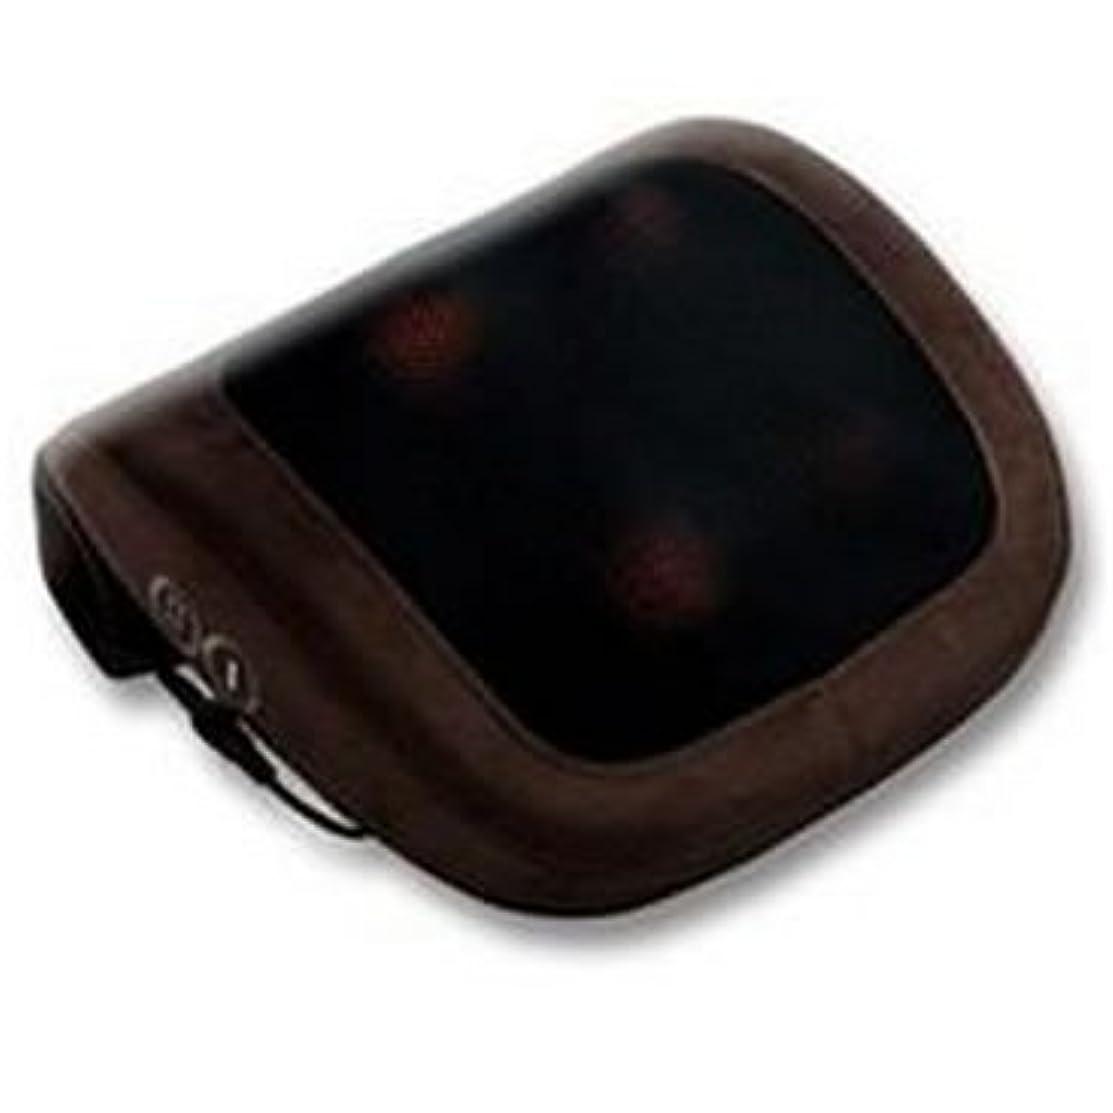 侵入する活性化ウナギMCR8115T(ブラウン) クッションマッサ-ジャ-「寝ころびマッサ-ジャ- 肩もん」